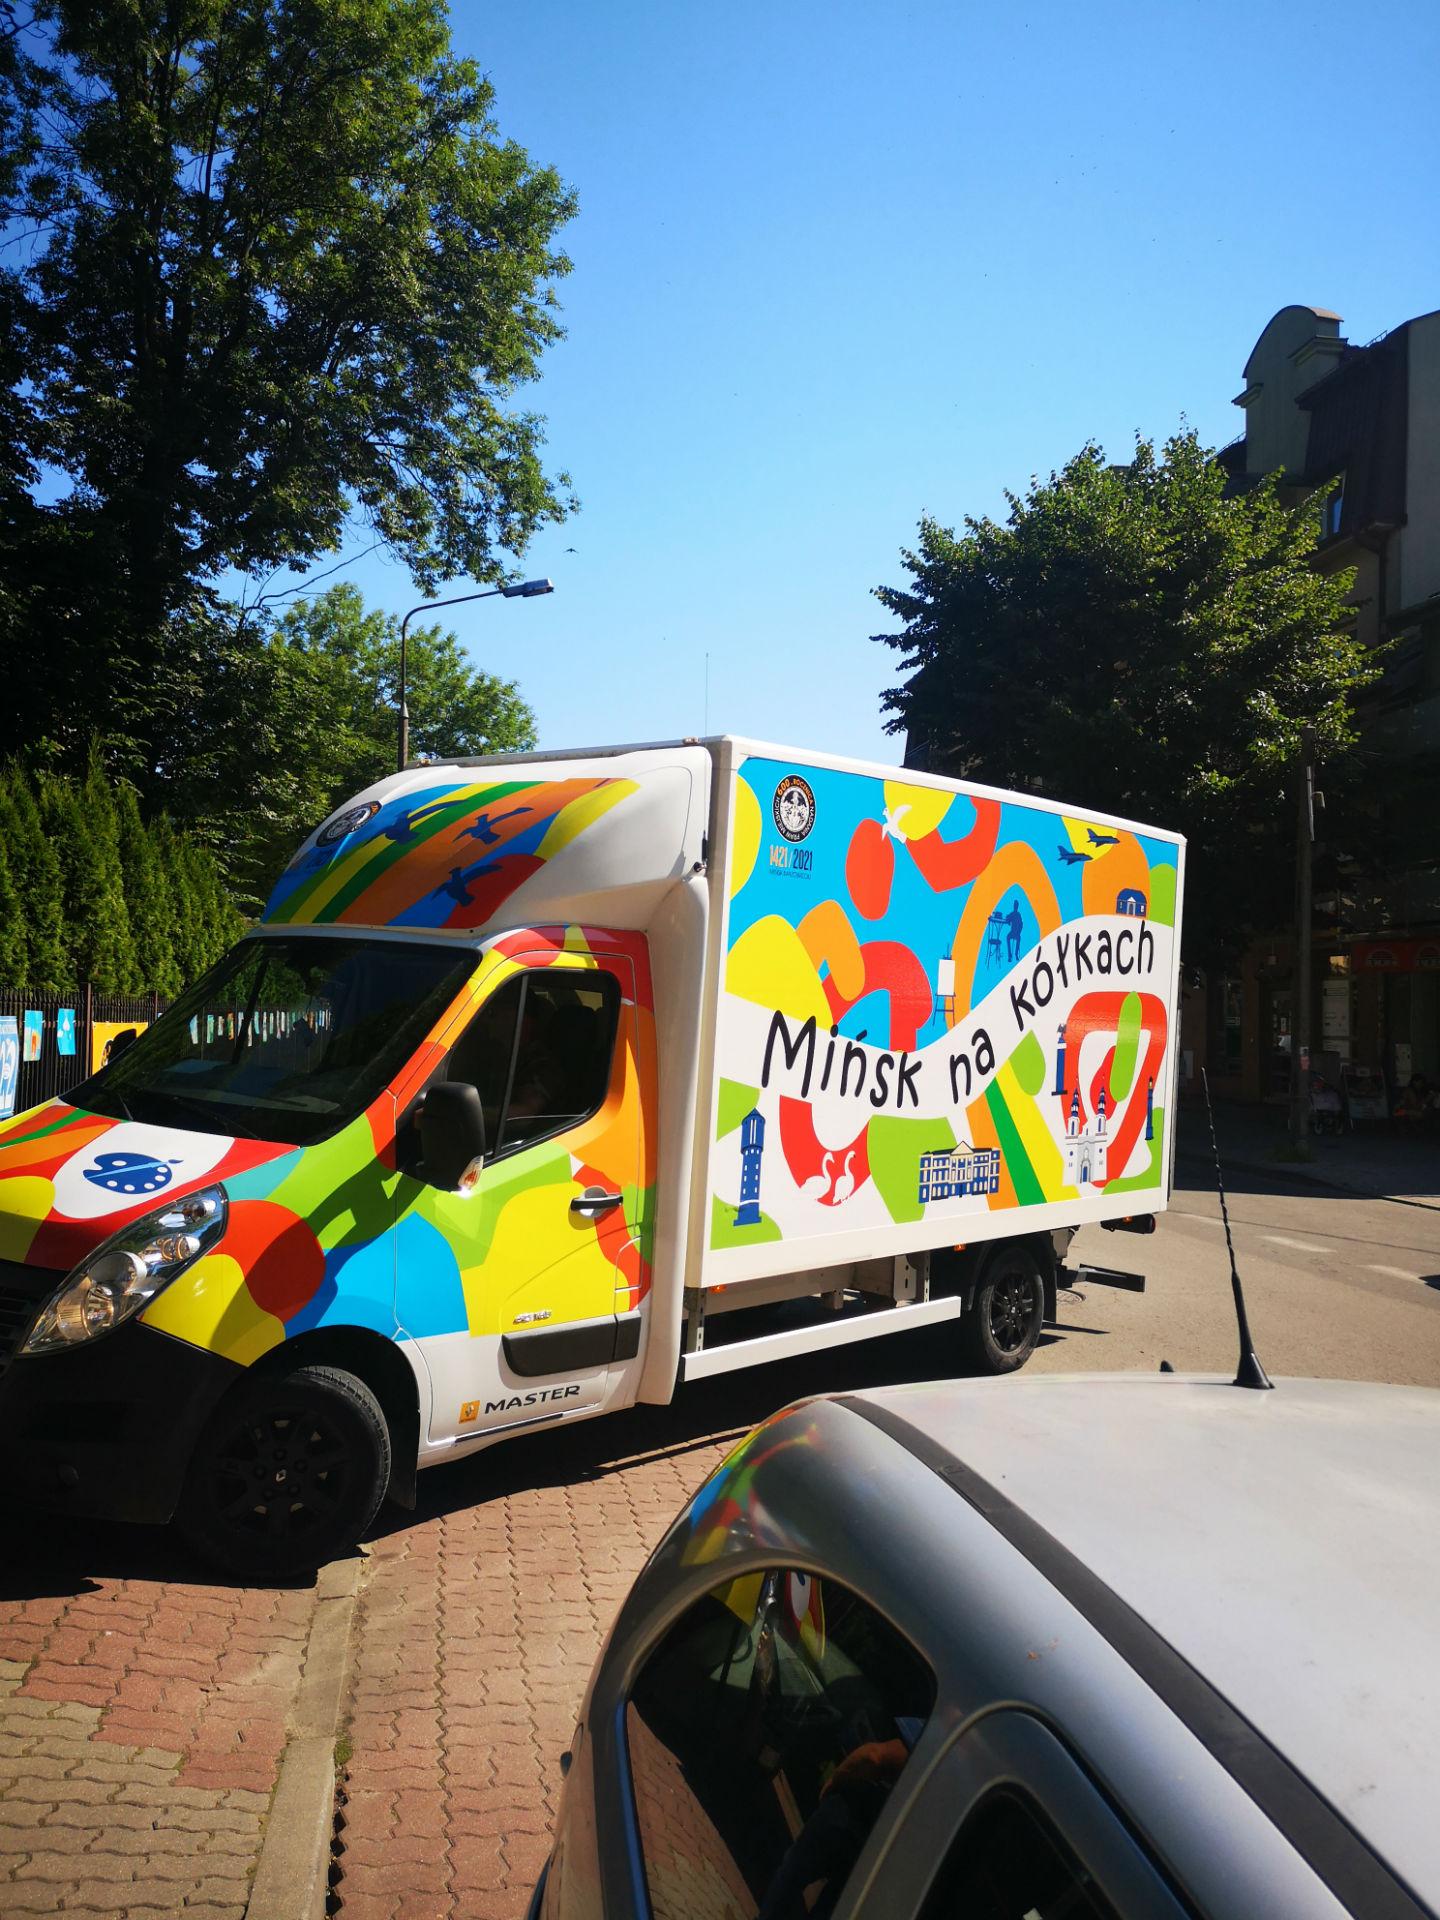 """Na zdjęciu pomalowana w żywe kolory ciężarówka z napisem """"Mińsk na kółkach"""" na boku."""